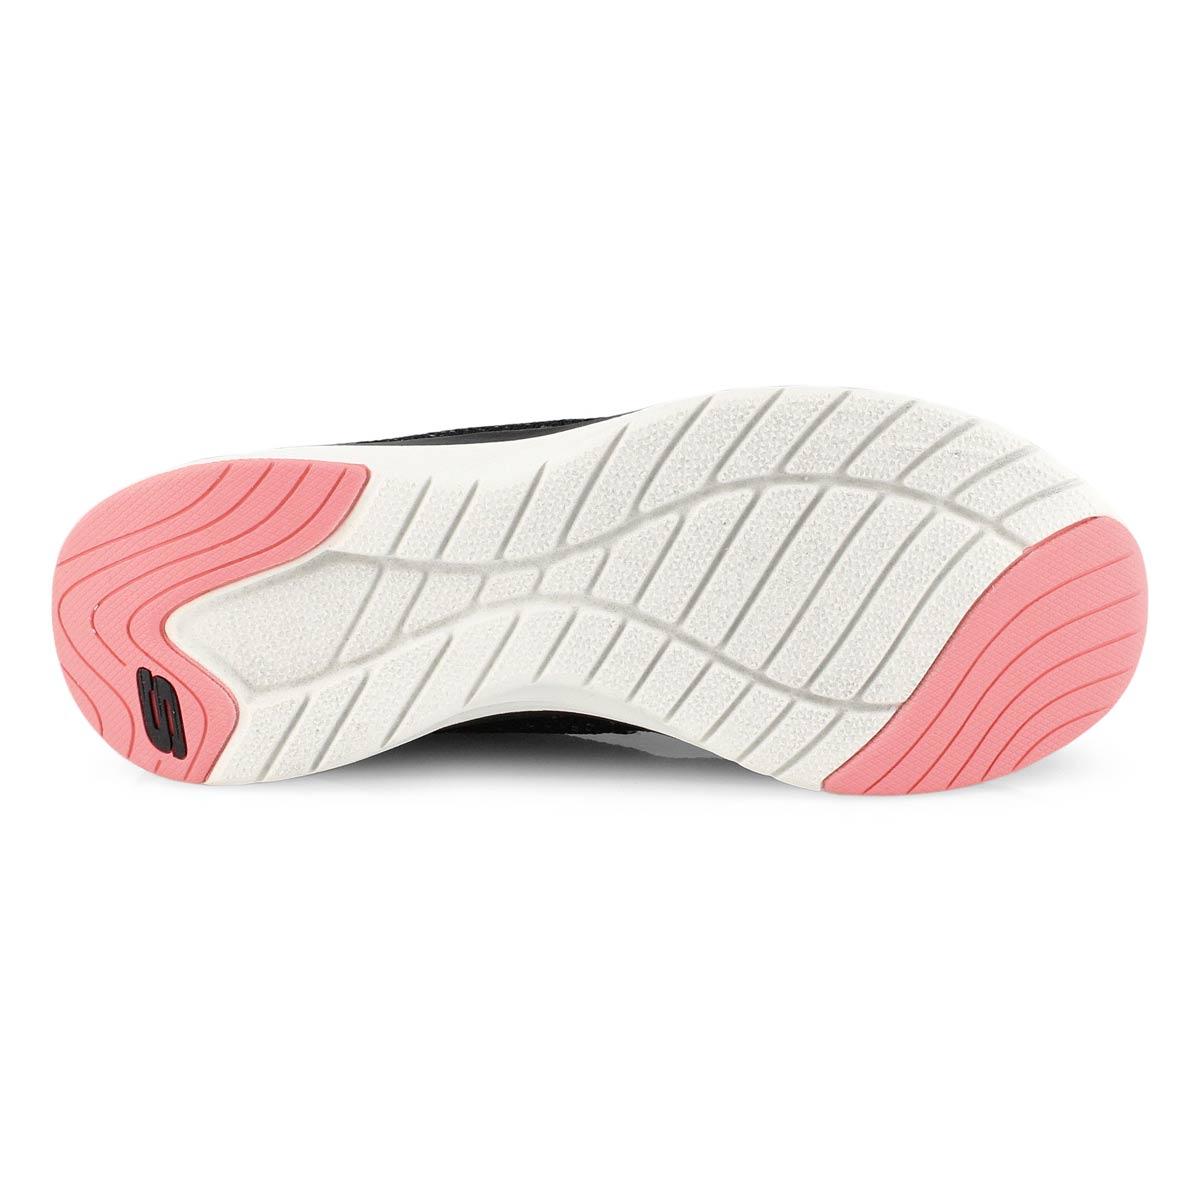 Women's Ultra Groove Sneaker - Black/Pink